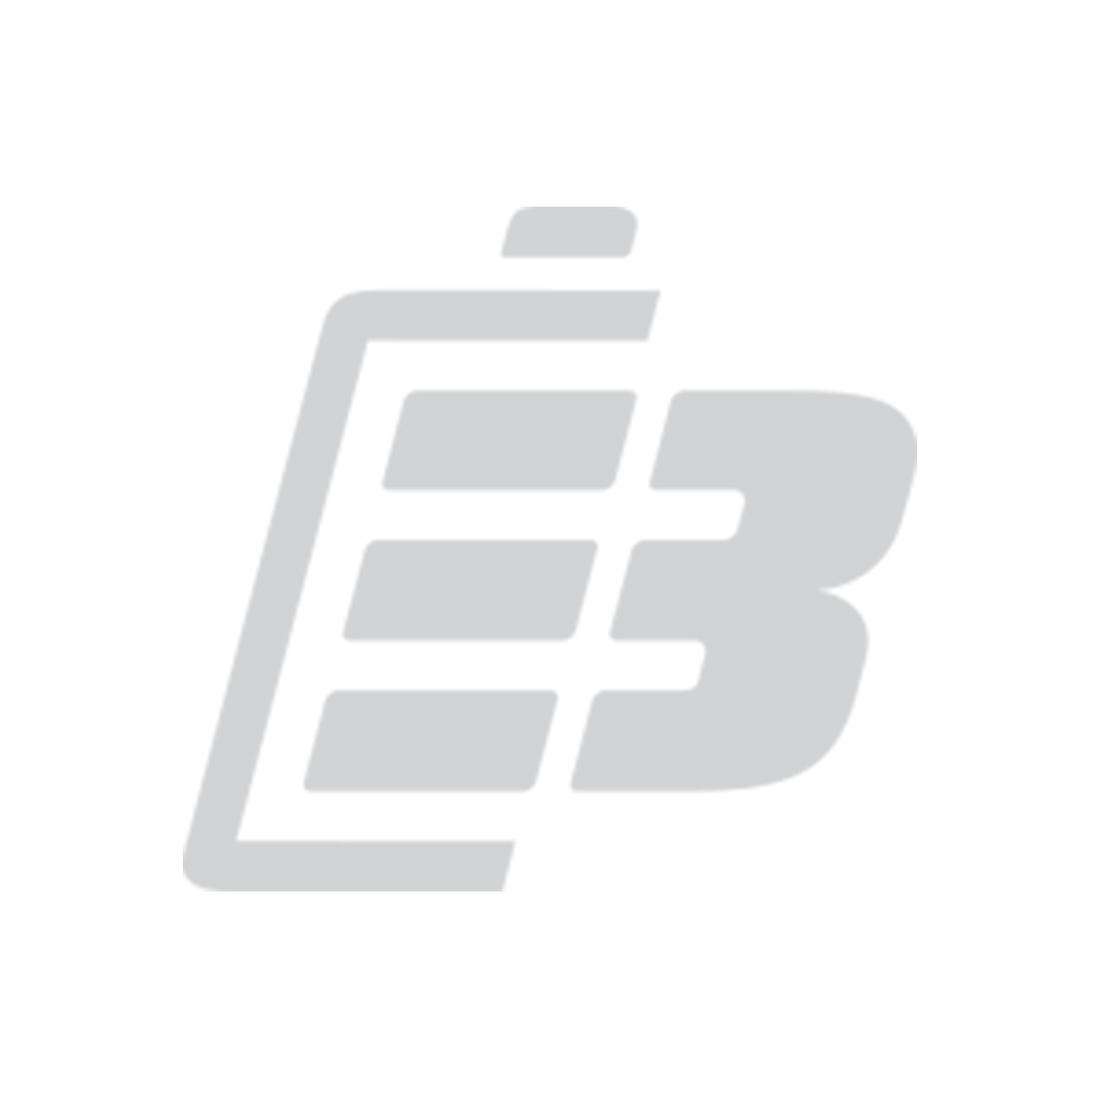 Μπαταρία barcode scanner Symbol LS3578_1